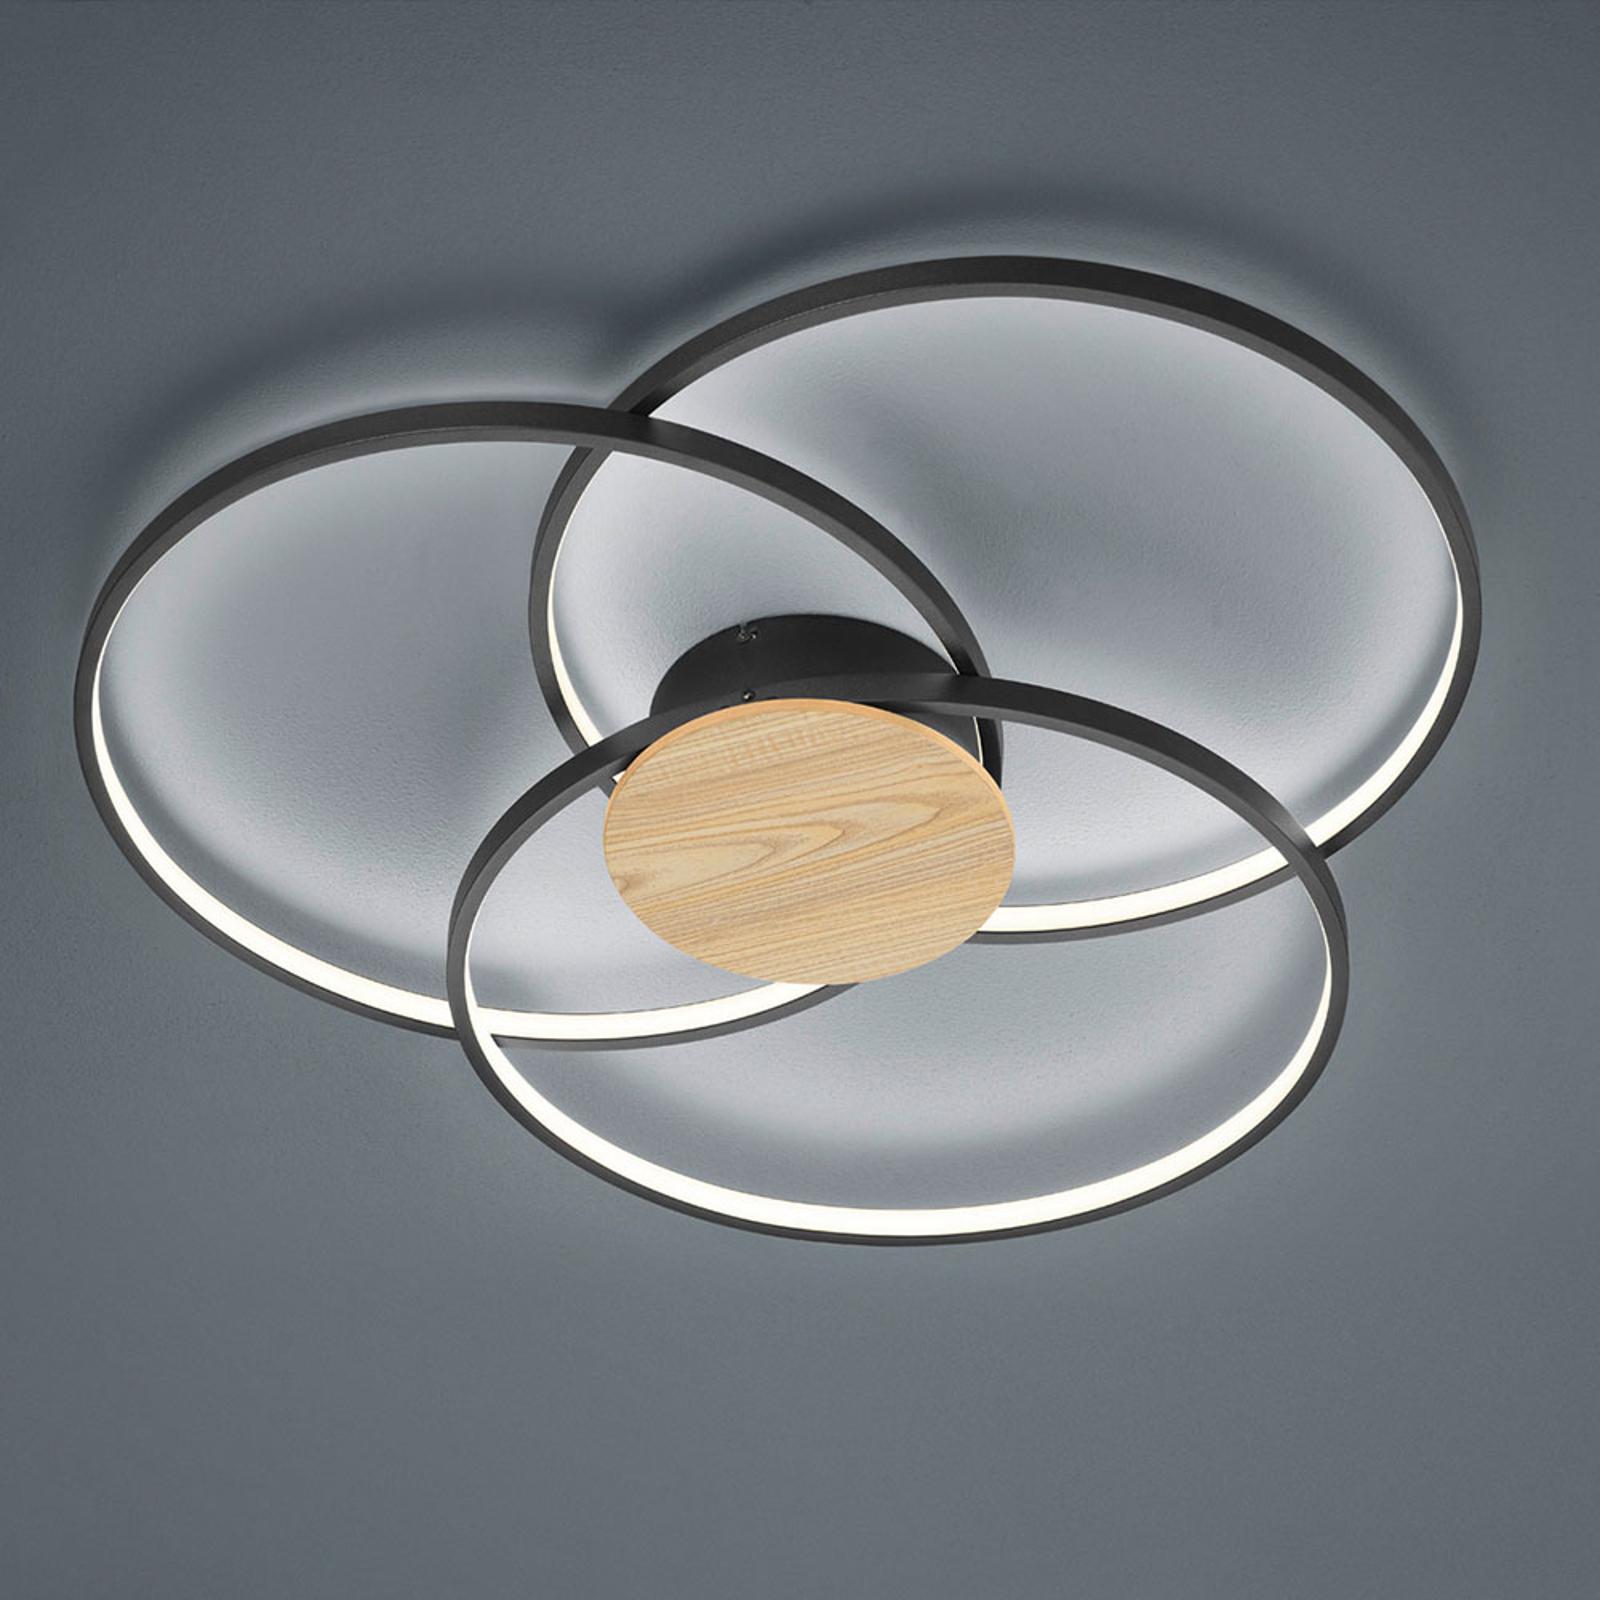 LED-Deckenlampe Sedona mit Holzdetail schwarz matt